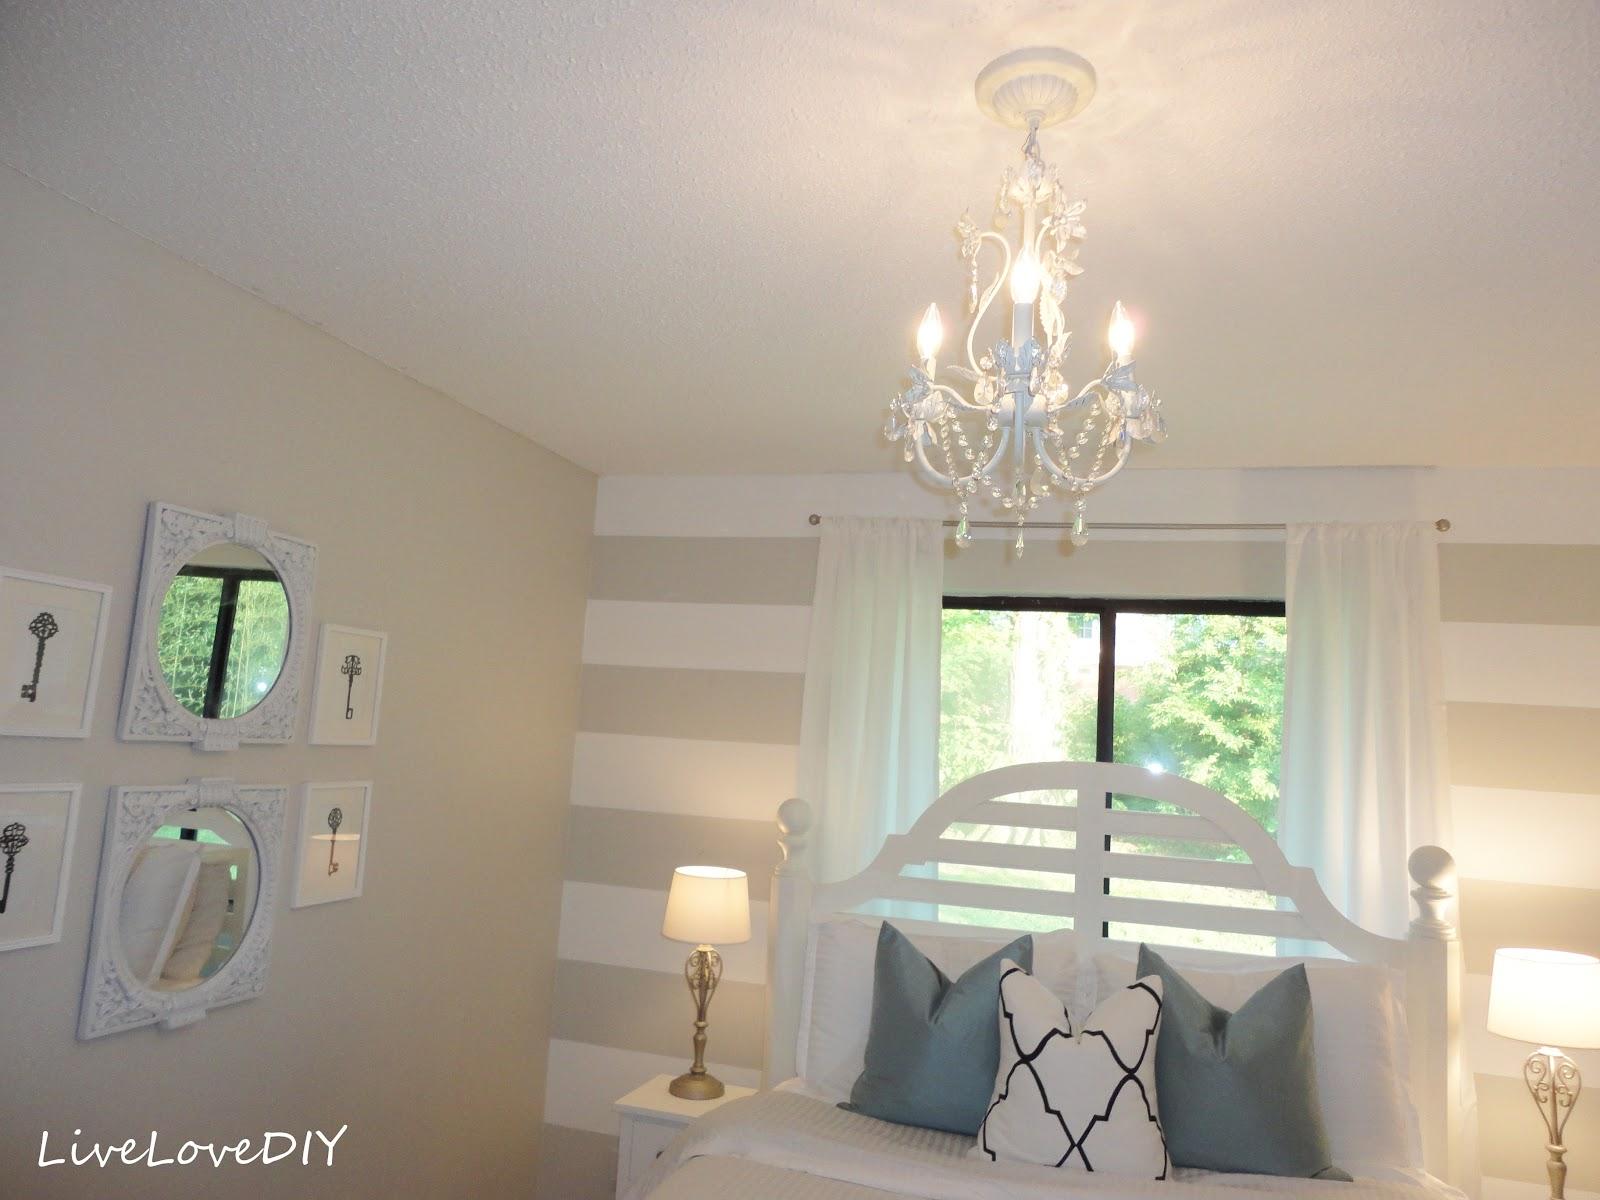 LiveLoveDIY: DIY Striped Wall Guest Bedroom Makeover